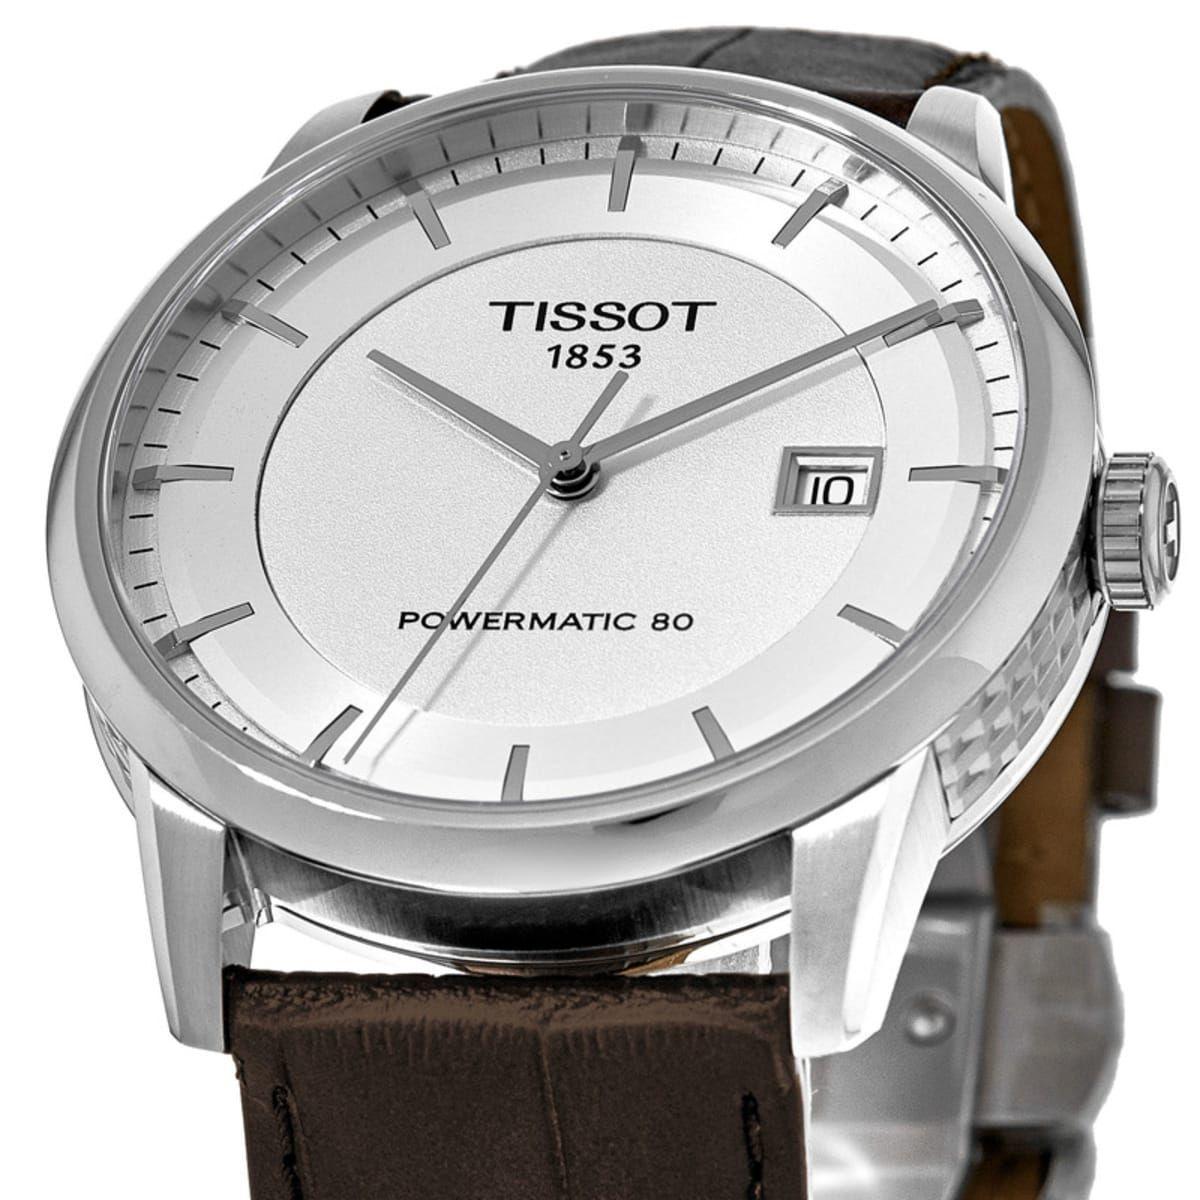 Montre automatique Tissot Luxury Powermatic 80 T0864071603100 pour Homme - 41 mm (Frais d'importation et frais de port inclus)